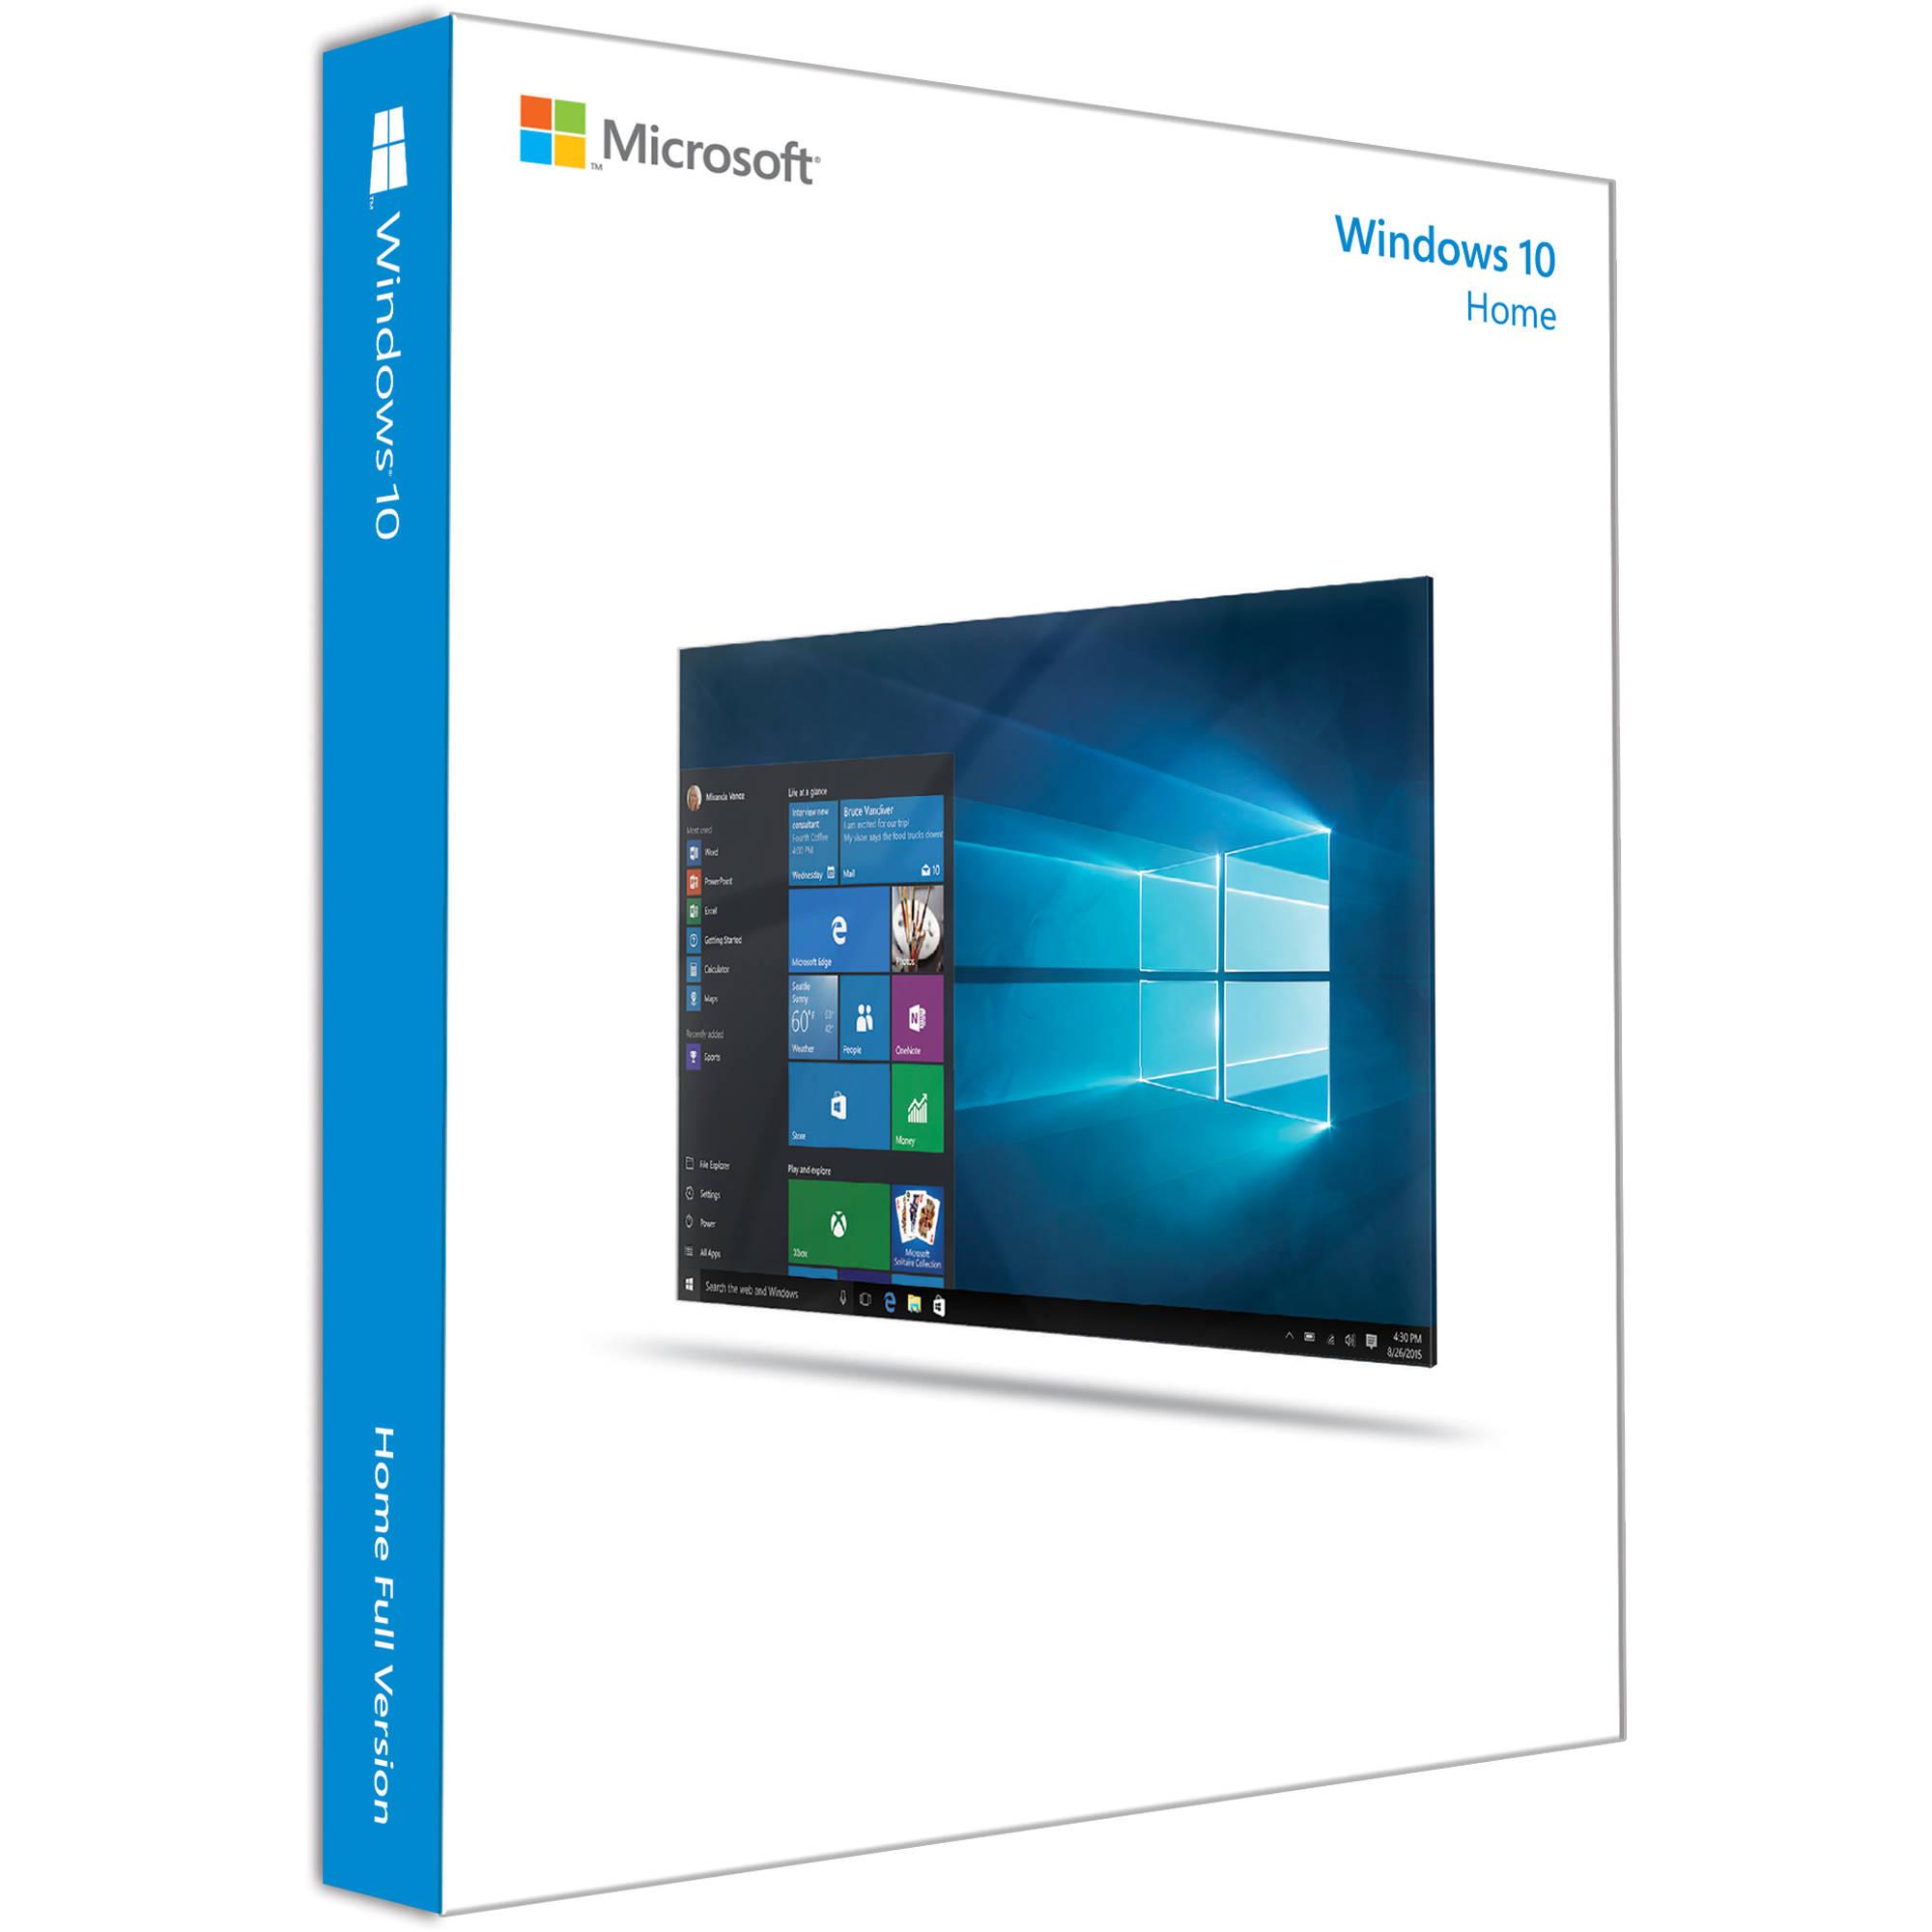 النسخة الاصلية من ويندوز 10 Microsoft Windows 10 Home